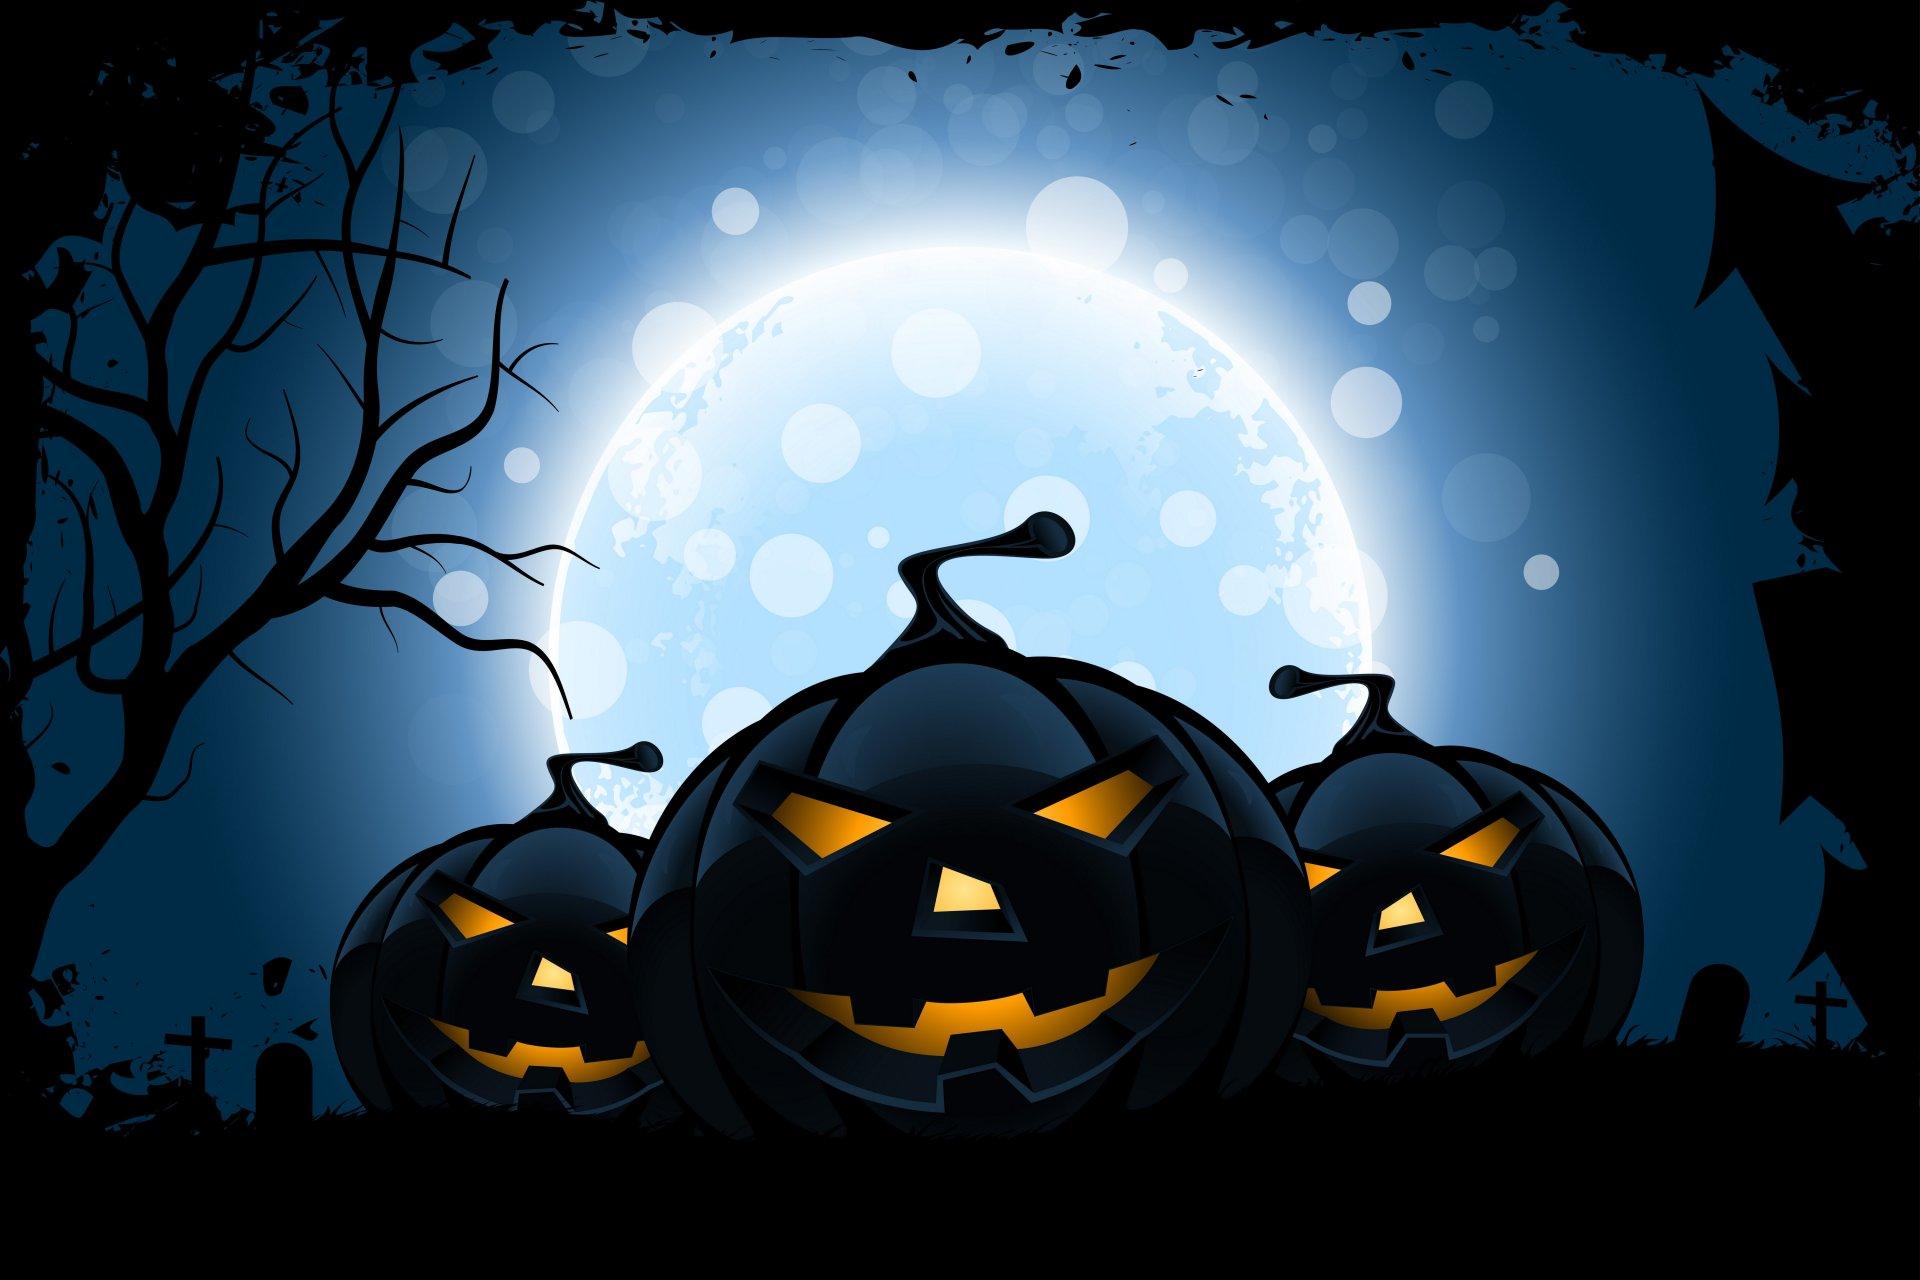 Прикольные рисунки на хэллоуин, открытку марта